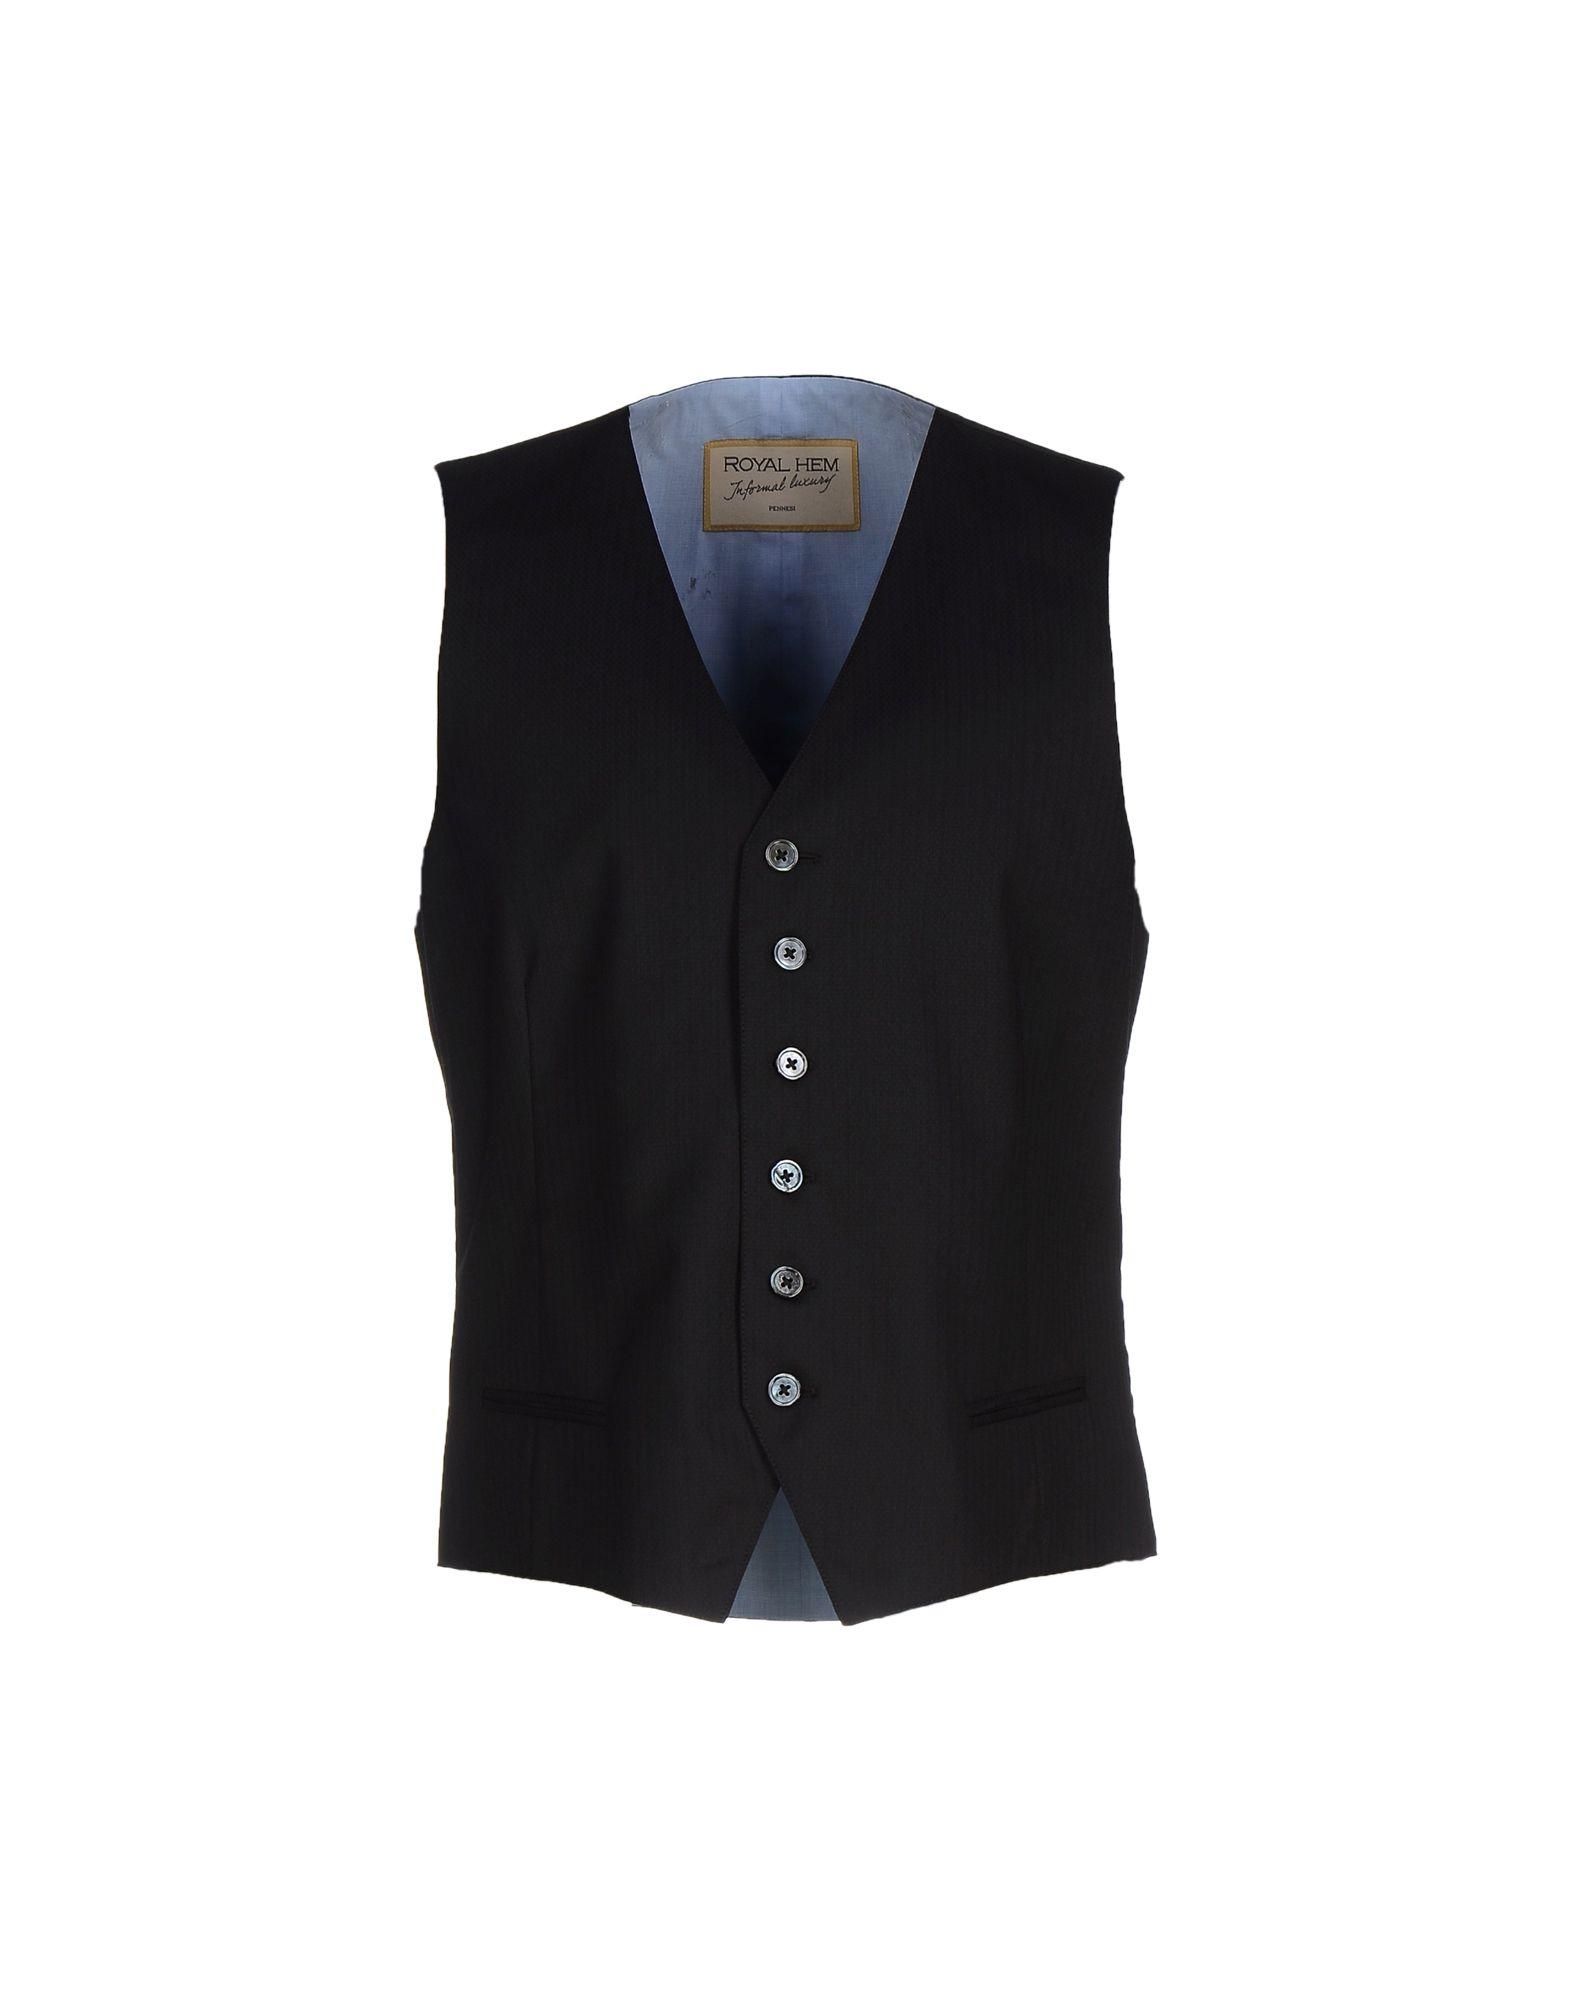 ROYAL HEM Suit Vest in Black